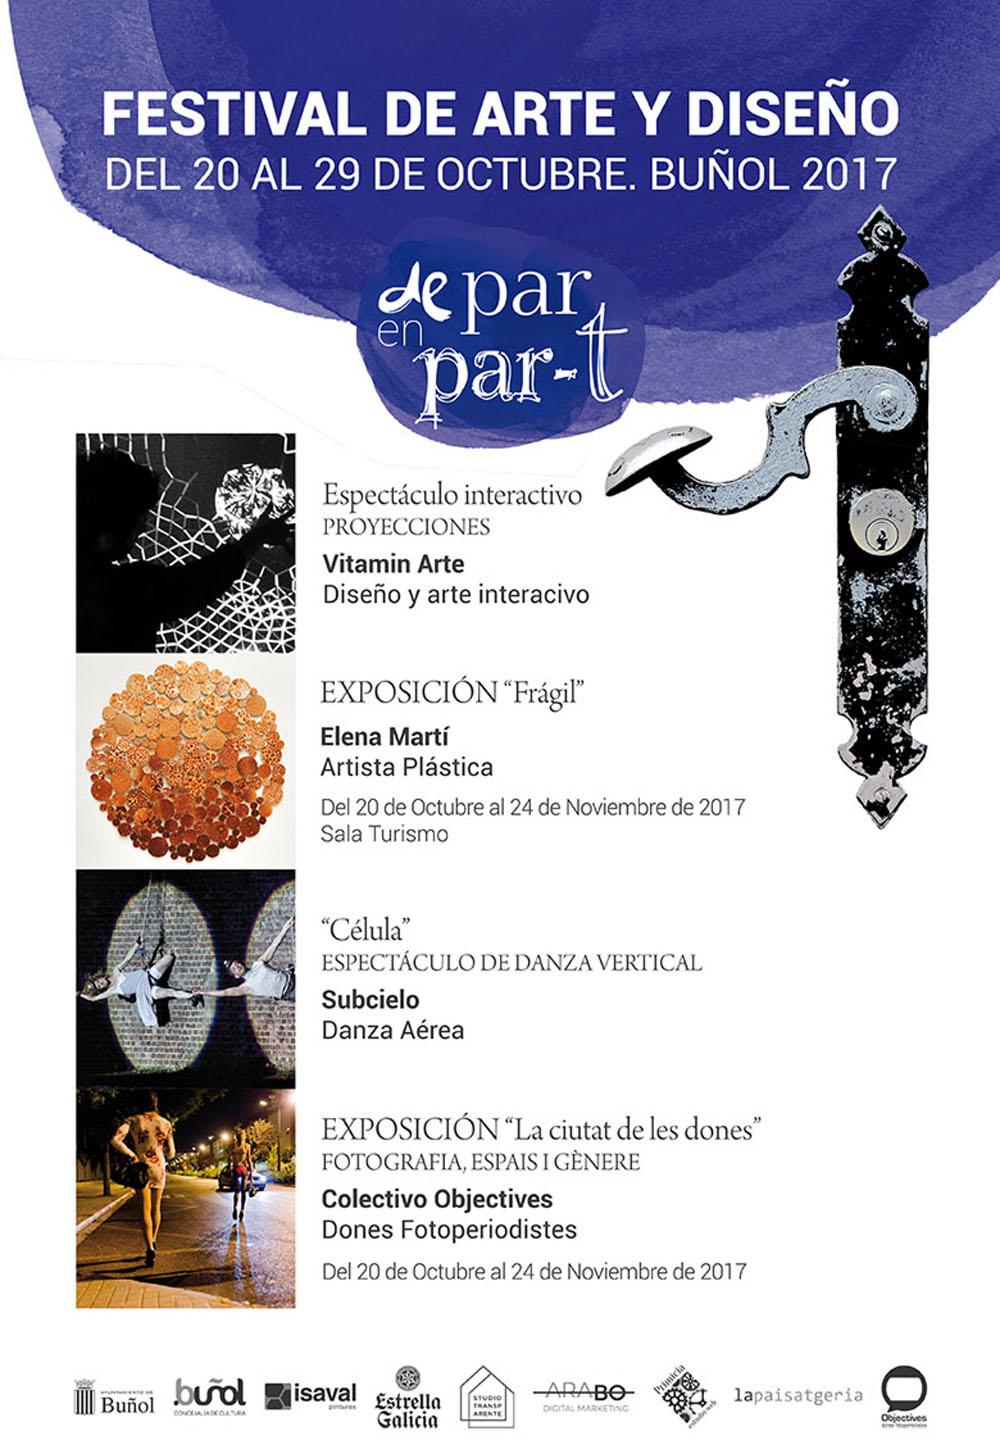 Inauguración 20 de octubre, a las 19,30 en la Sala El Oscurico del Castillo de Buñol.